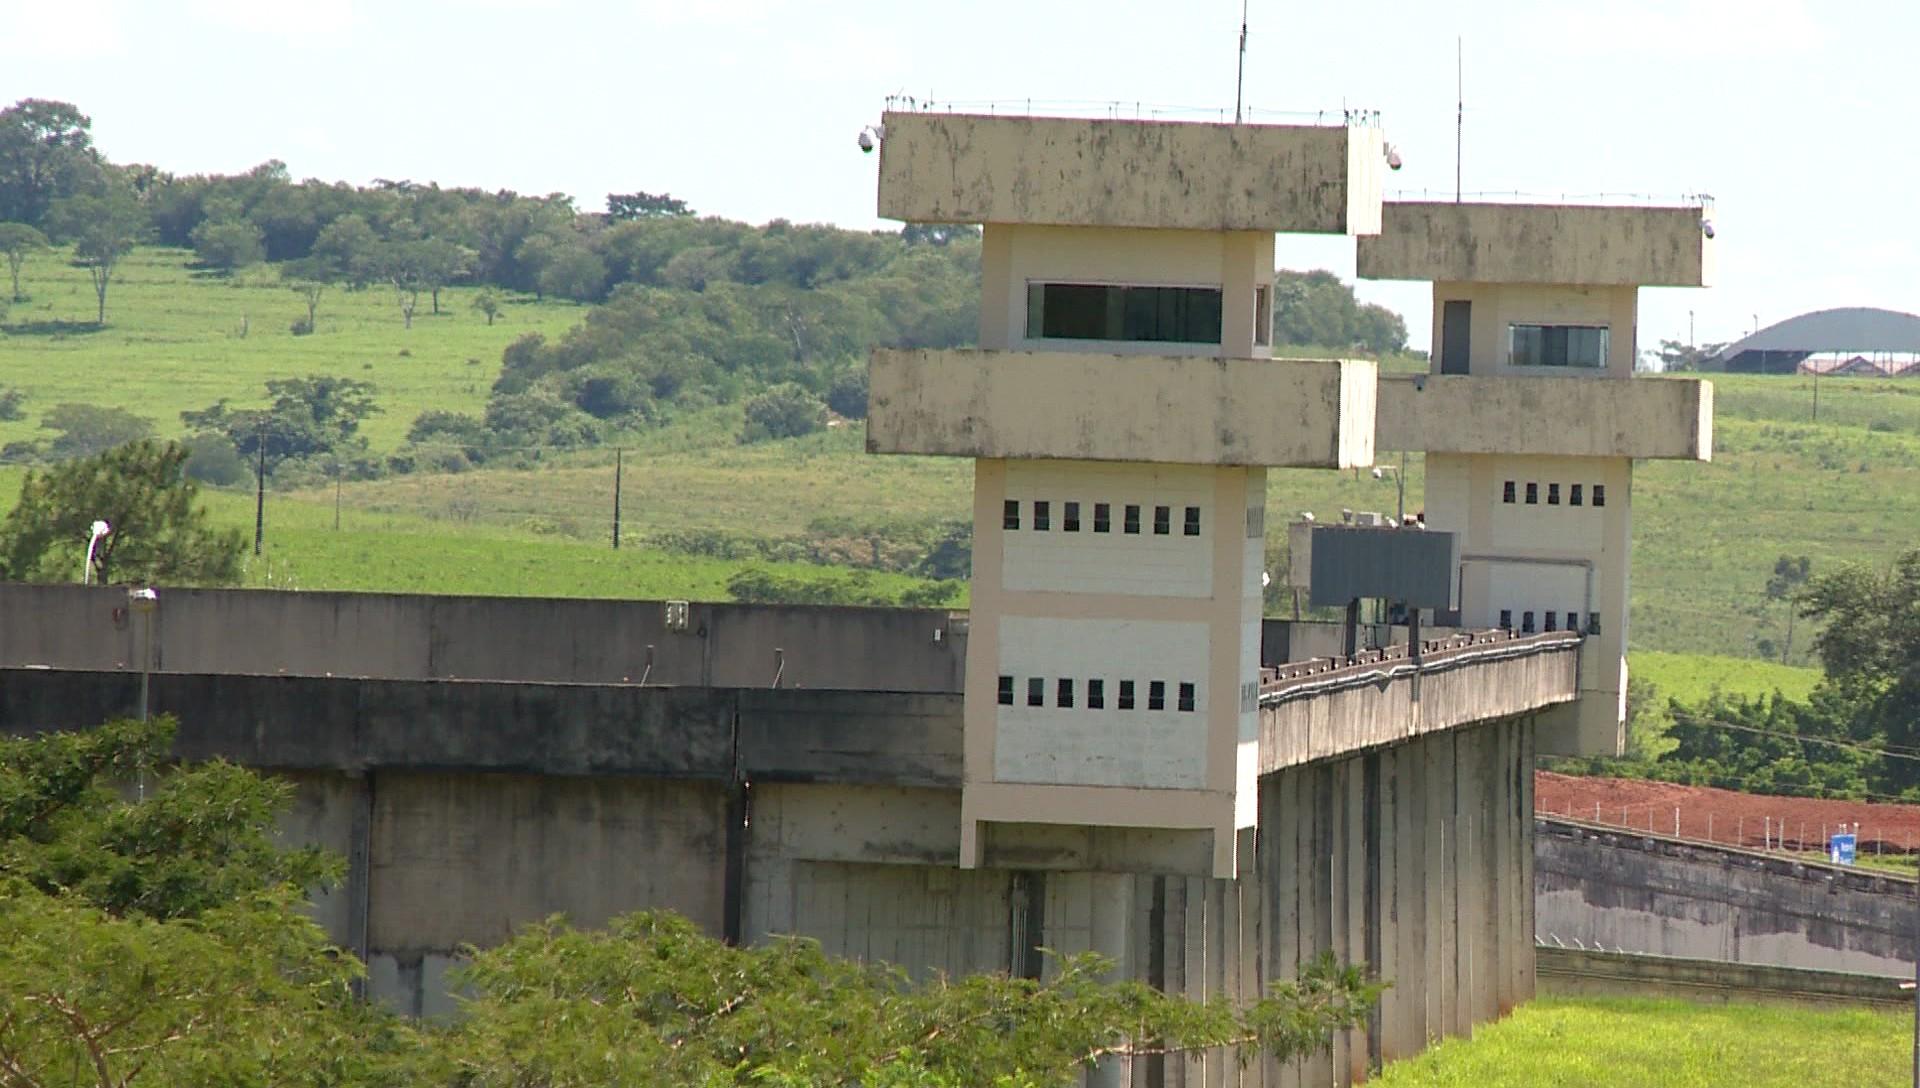 Unidades prisionais do Oeste Paulista aguardam há mais de dois meses pelo início da testagem em massa de Covid-19